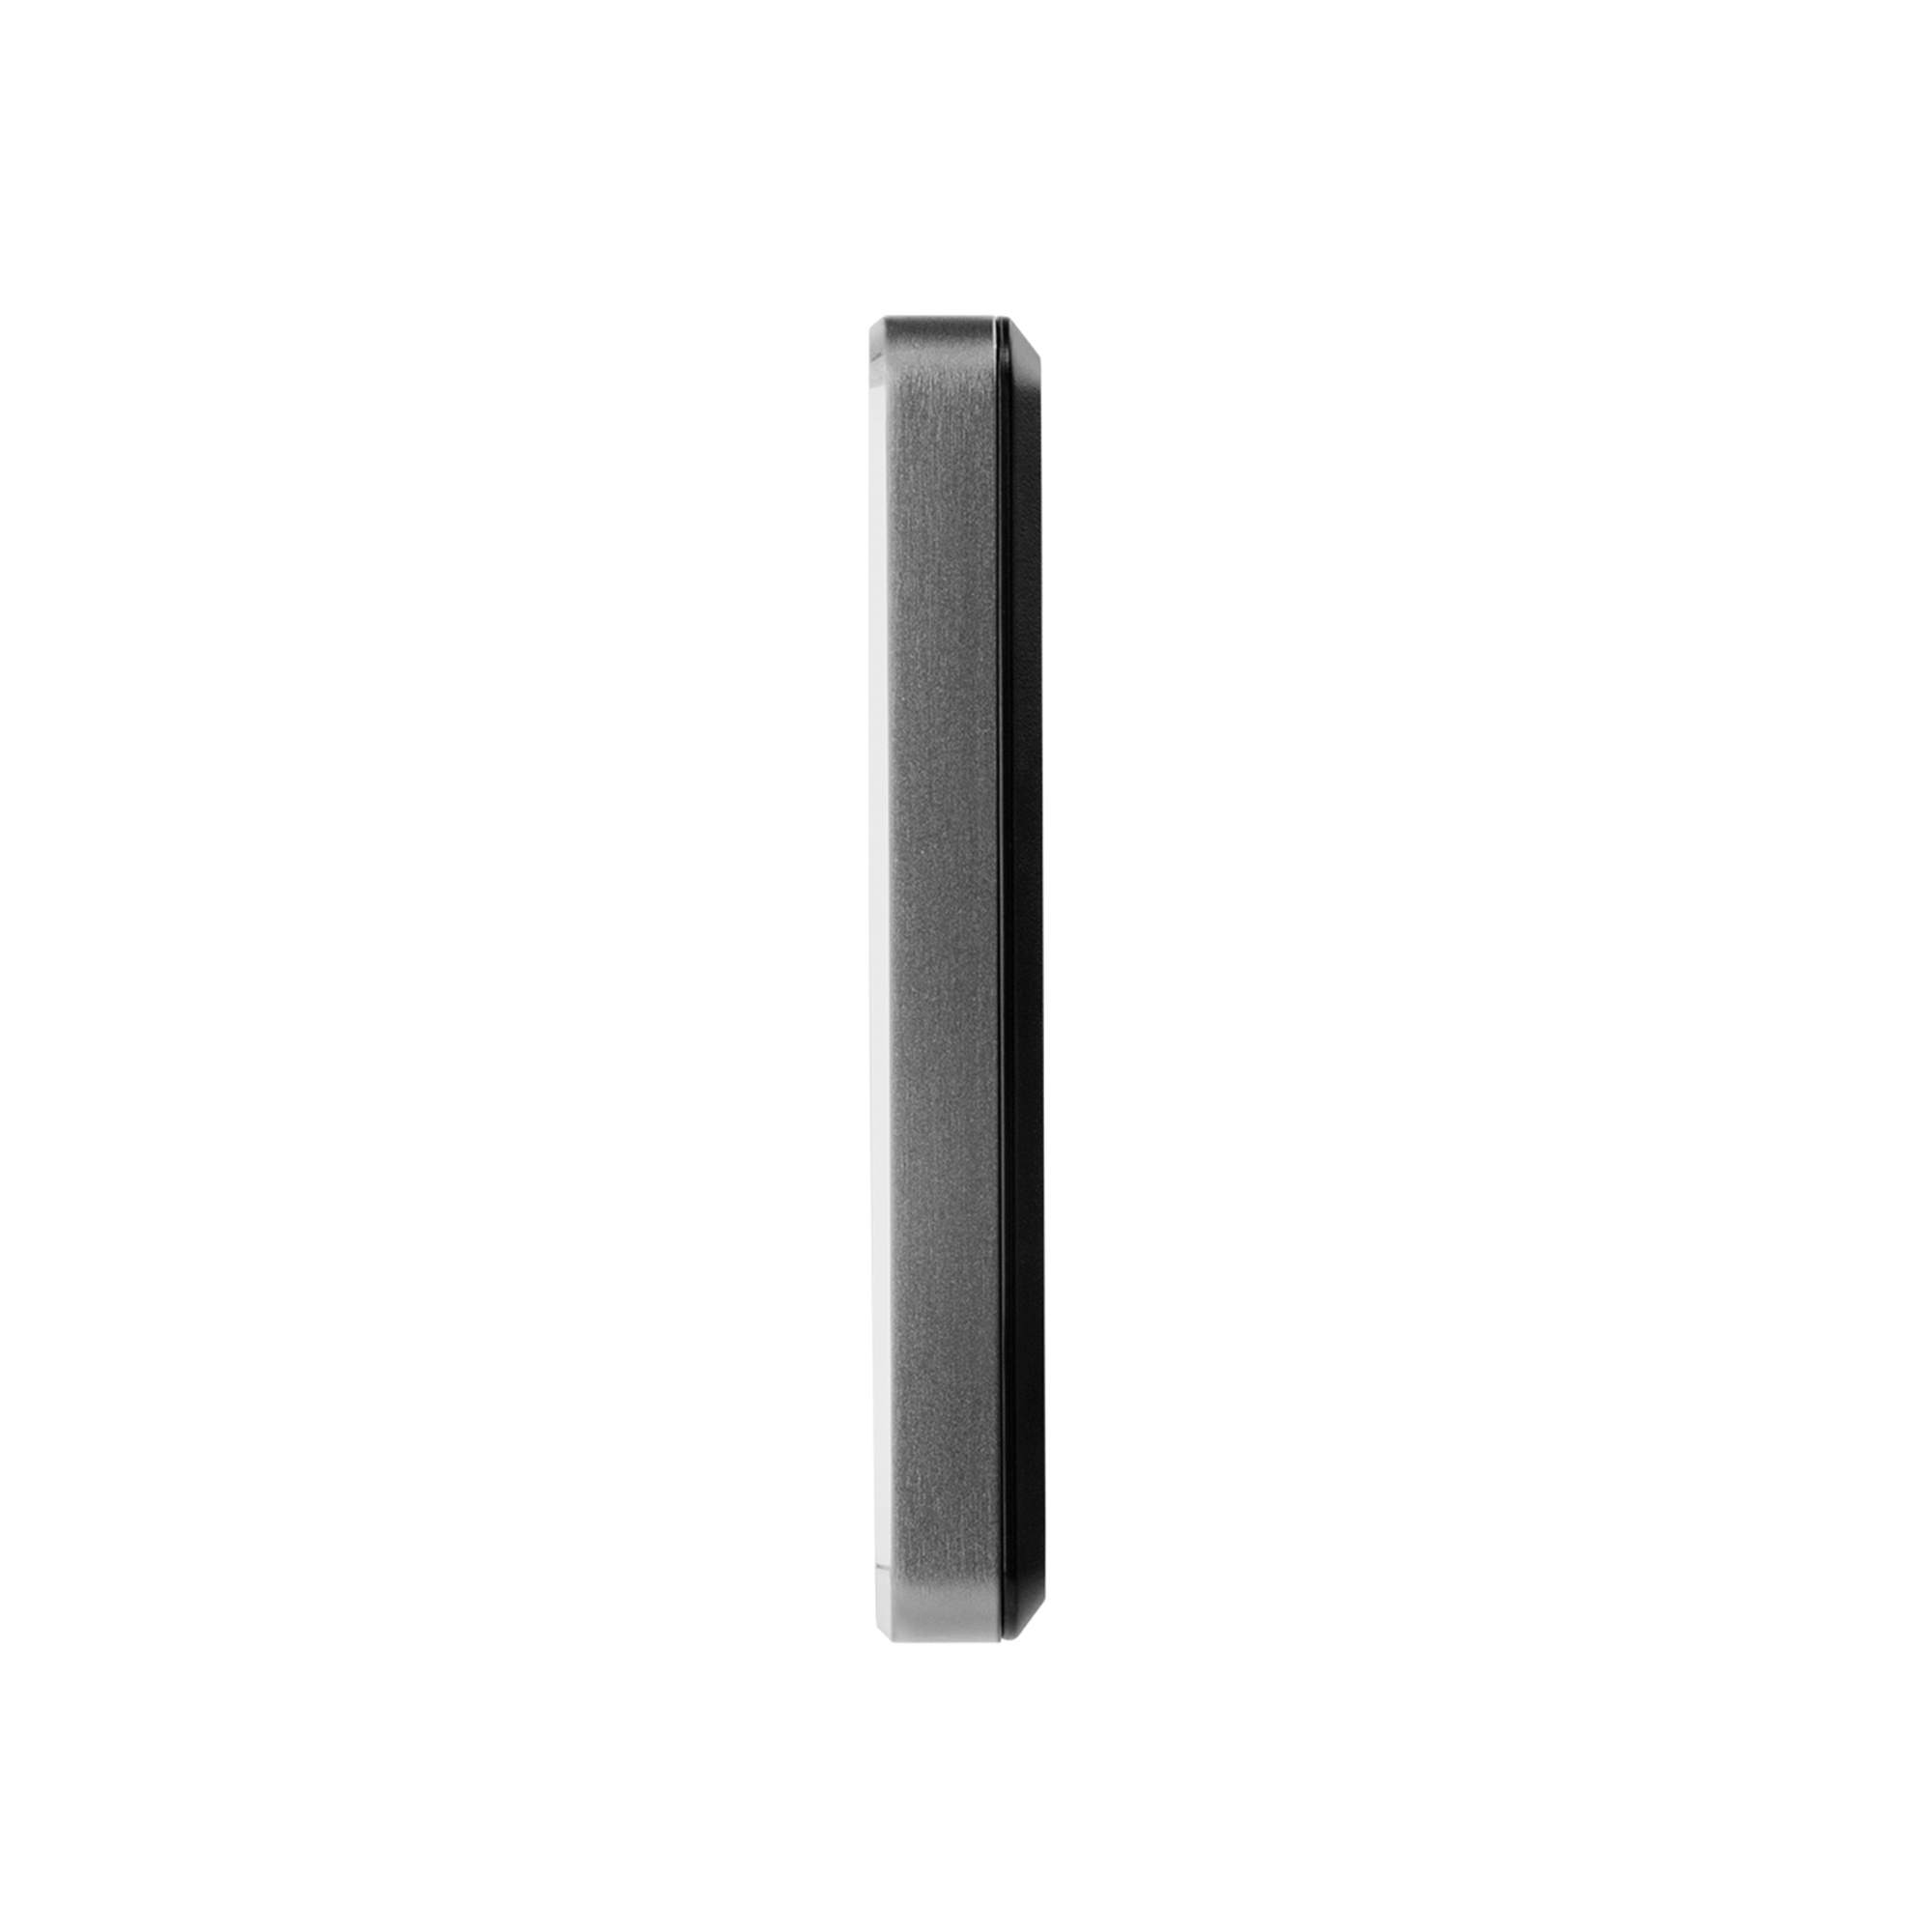 Ổ Cứng Di Động Transcend 2TB StoreJet C3N Luxury Slim USB 3.1 - Hàng Chính Hãng